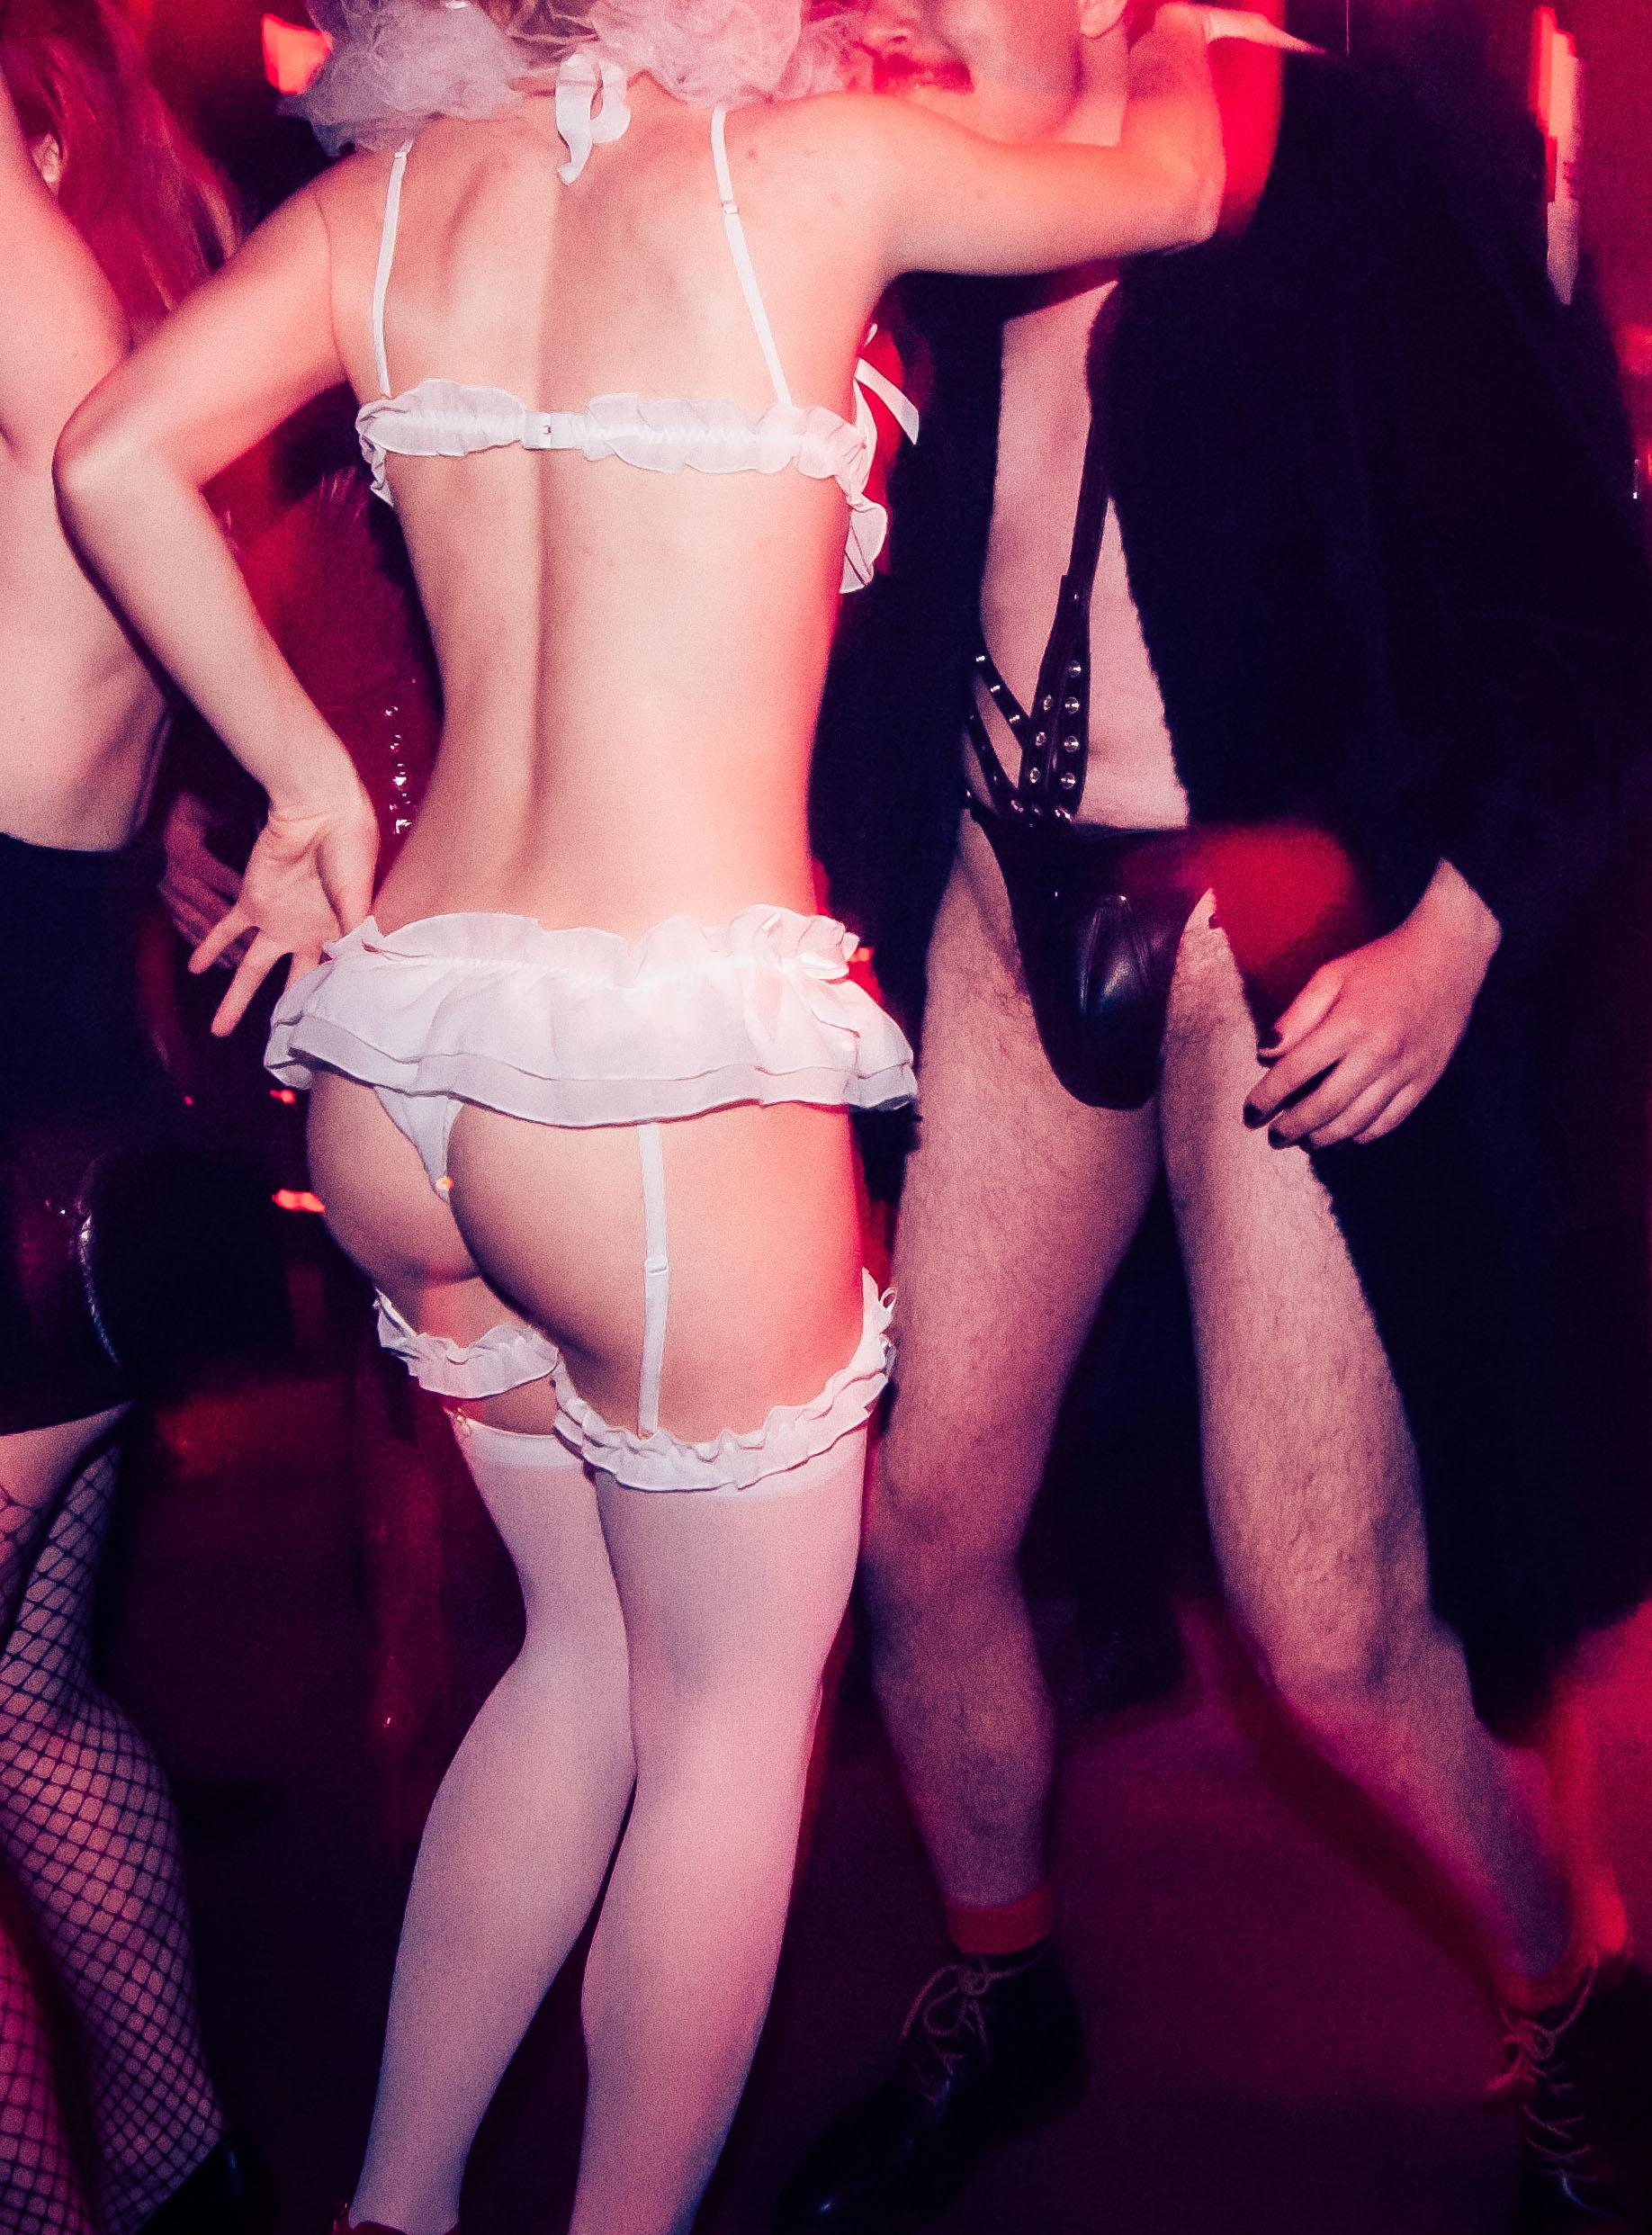 grupa fetysz porno azjatycki seks nastolatków anal